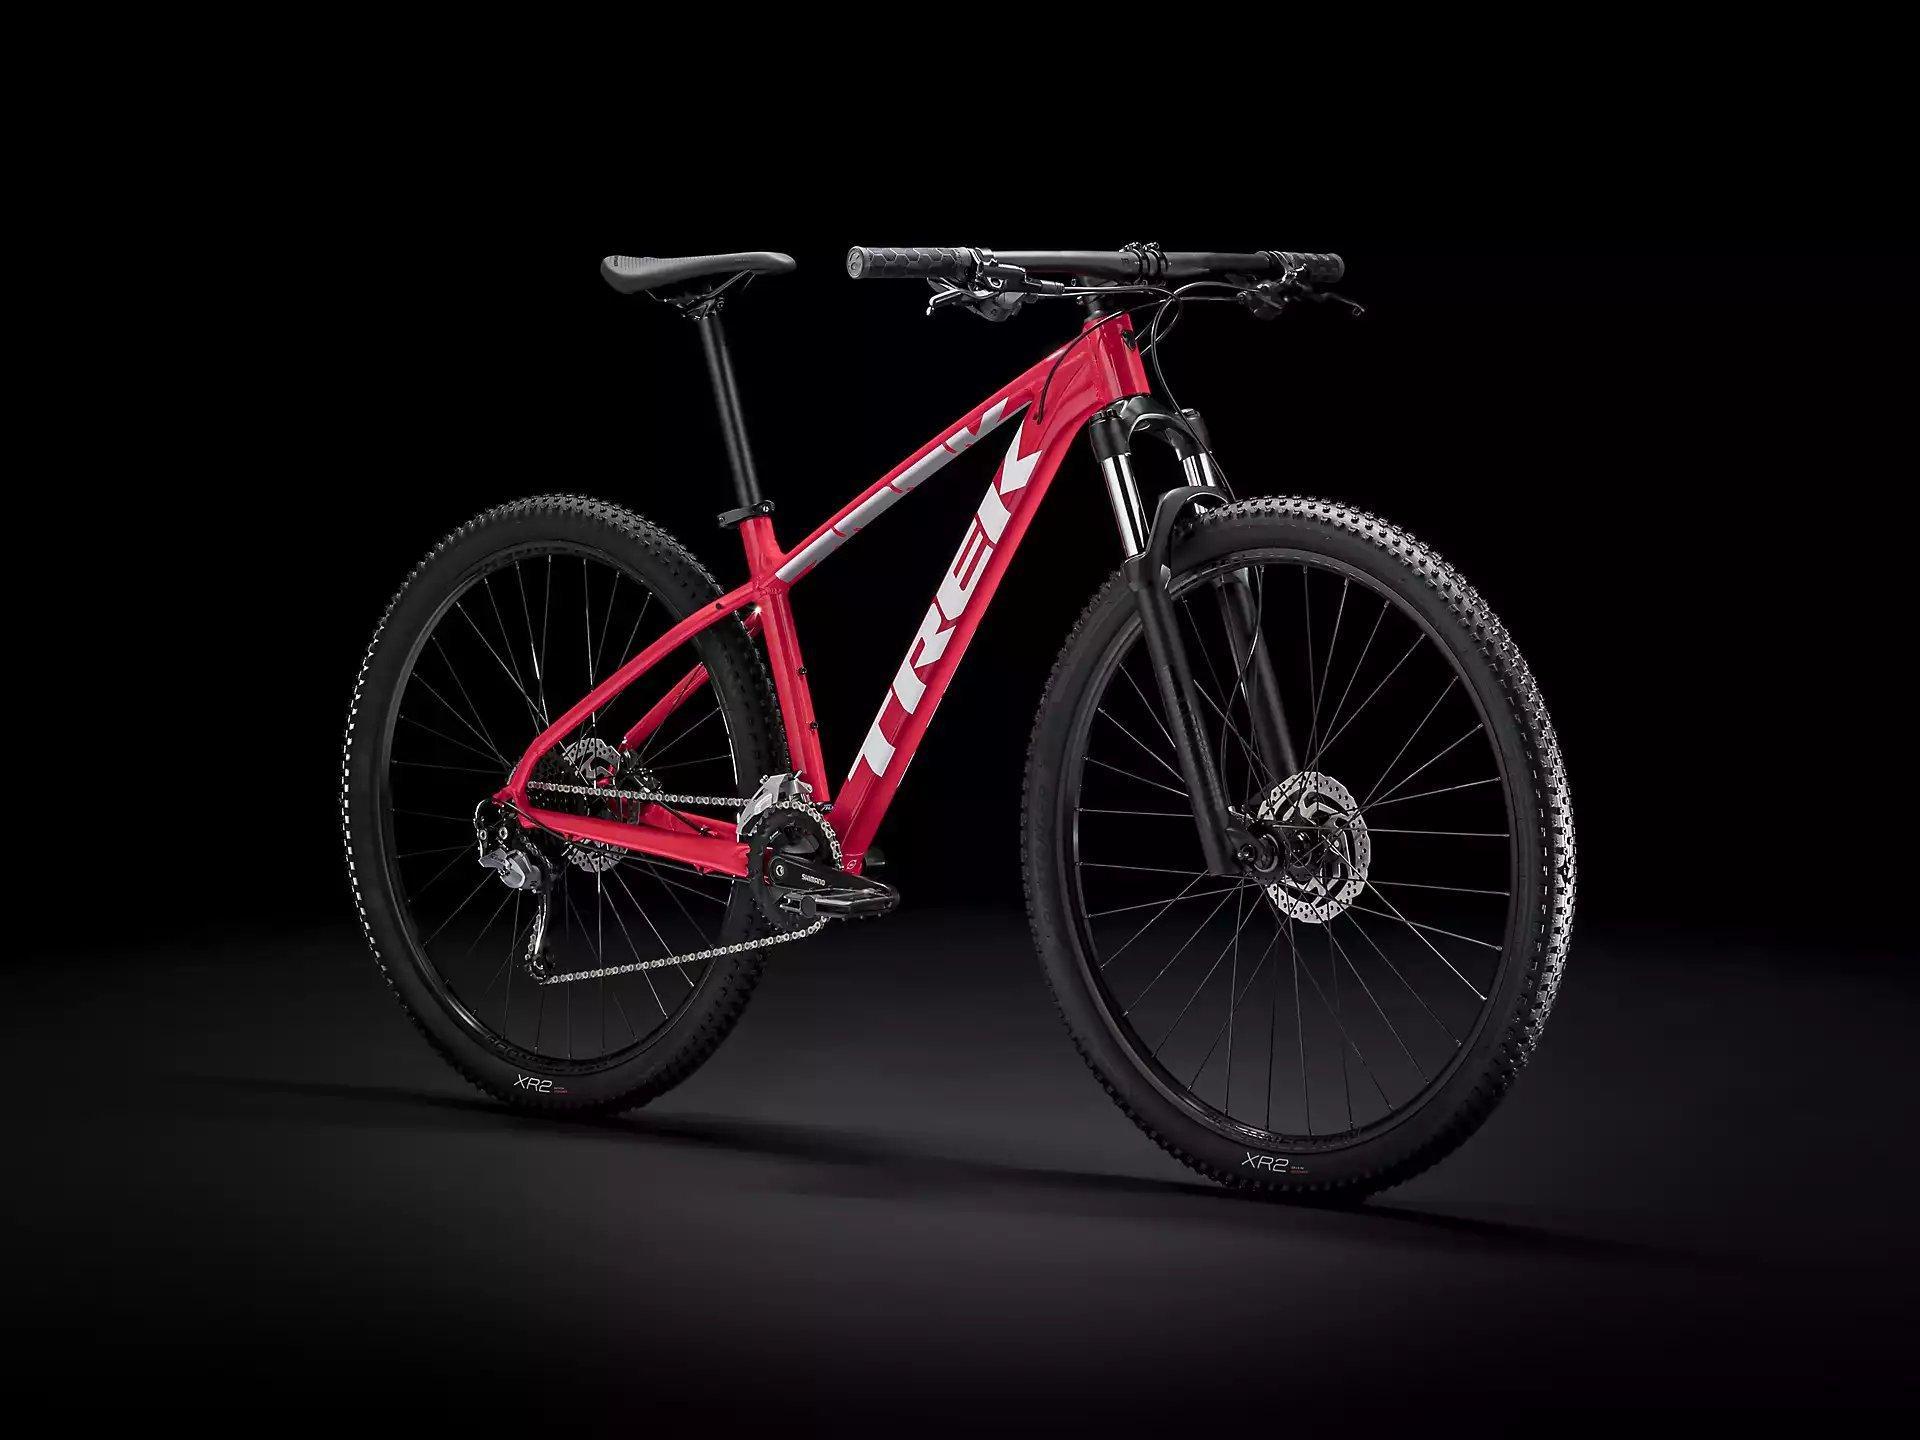 Marlin 7 Hardtail Mountain Bike 2020 Viper Red